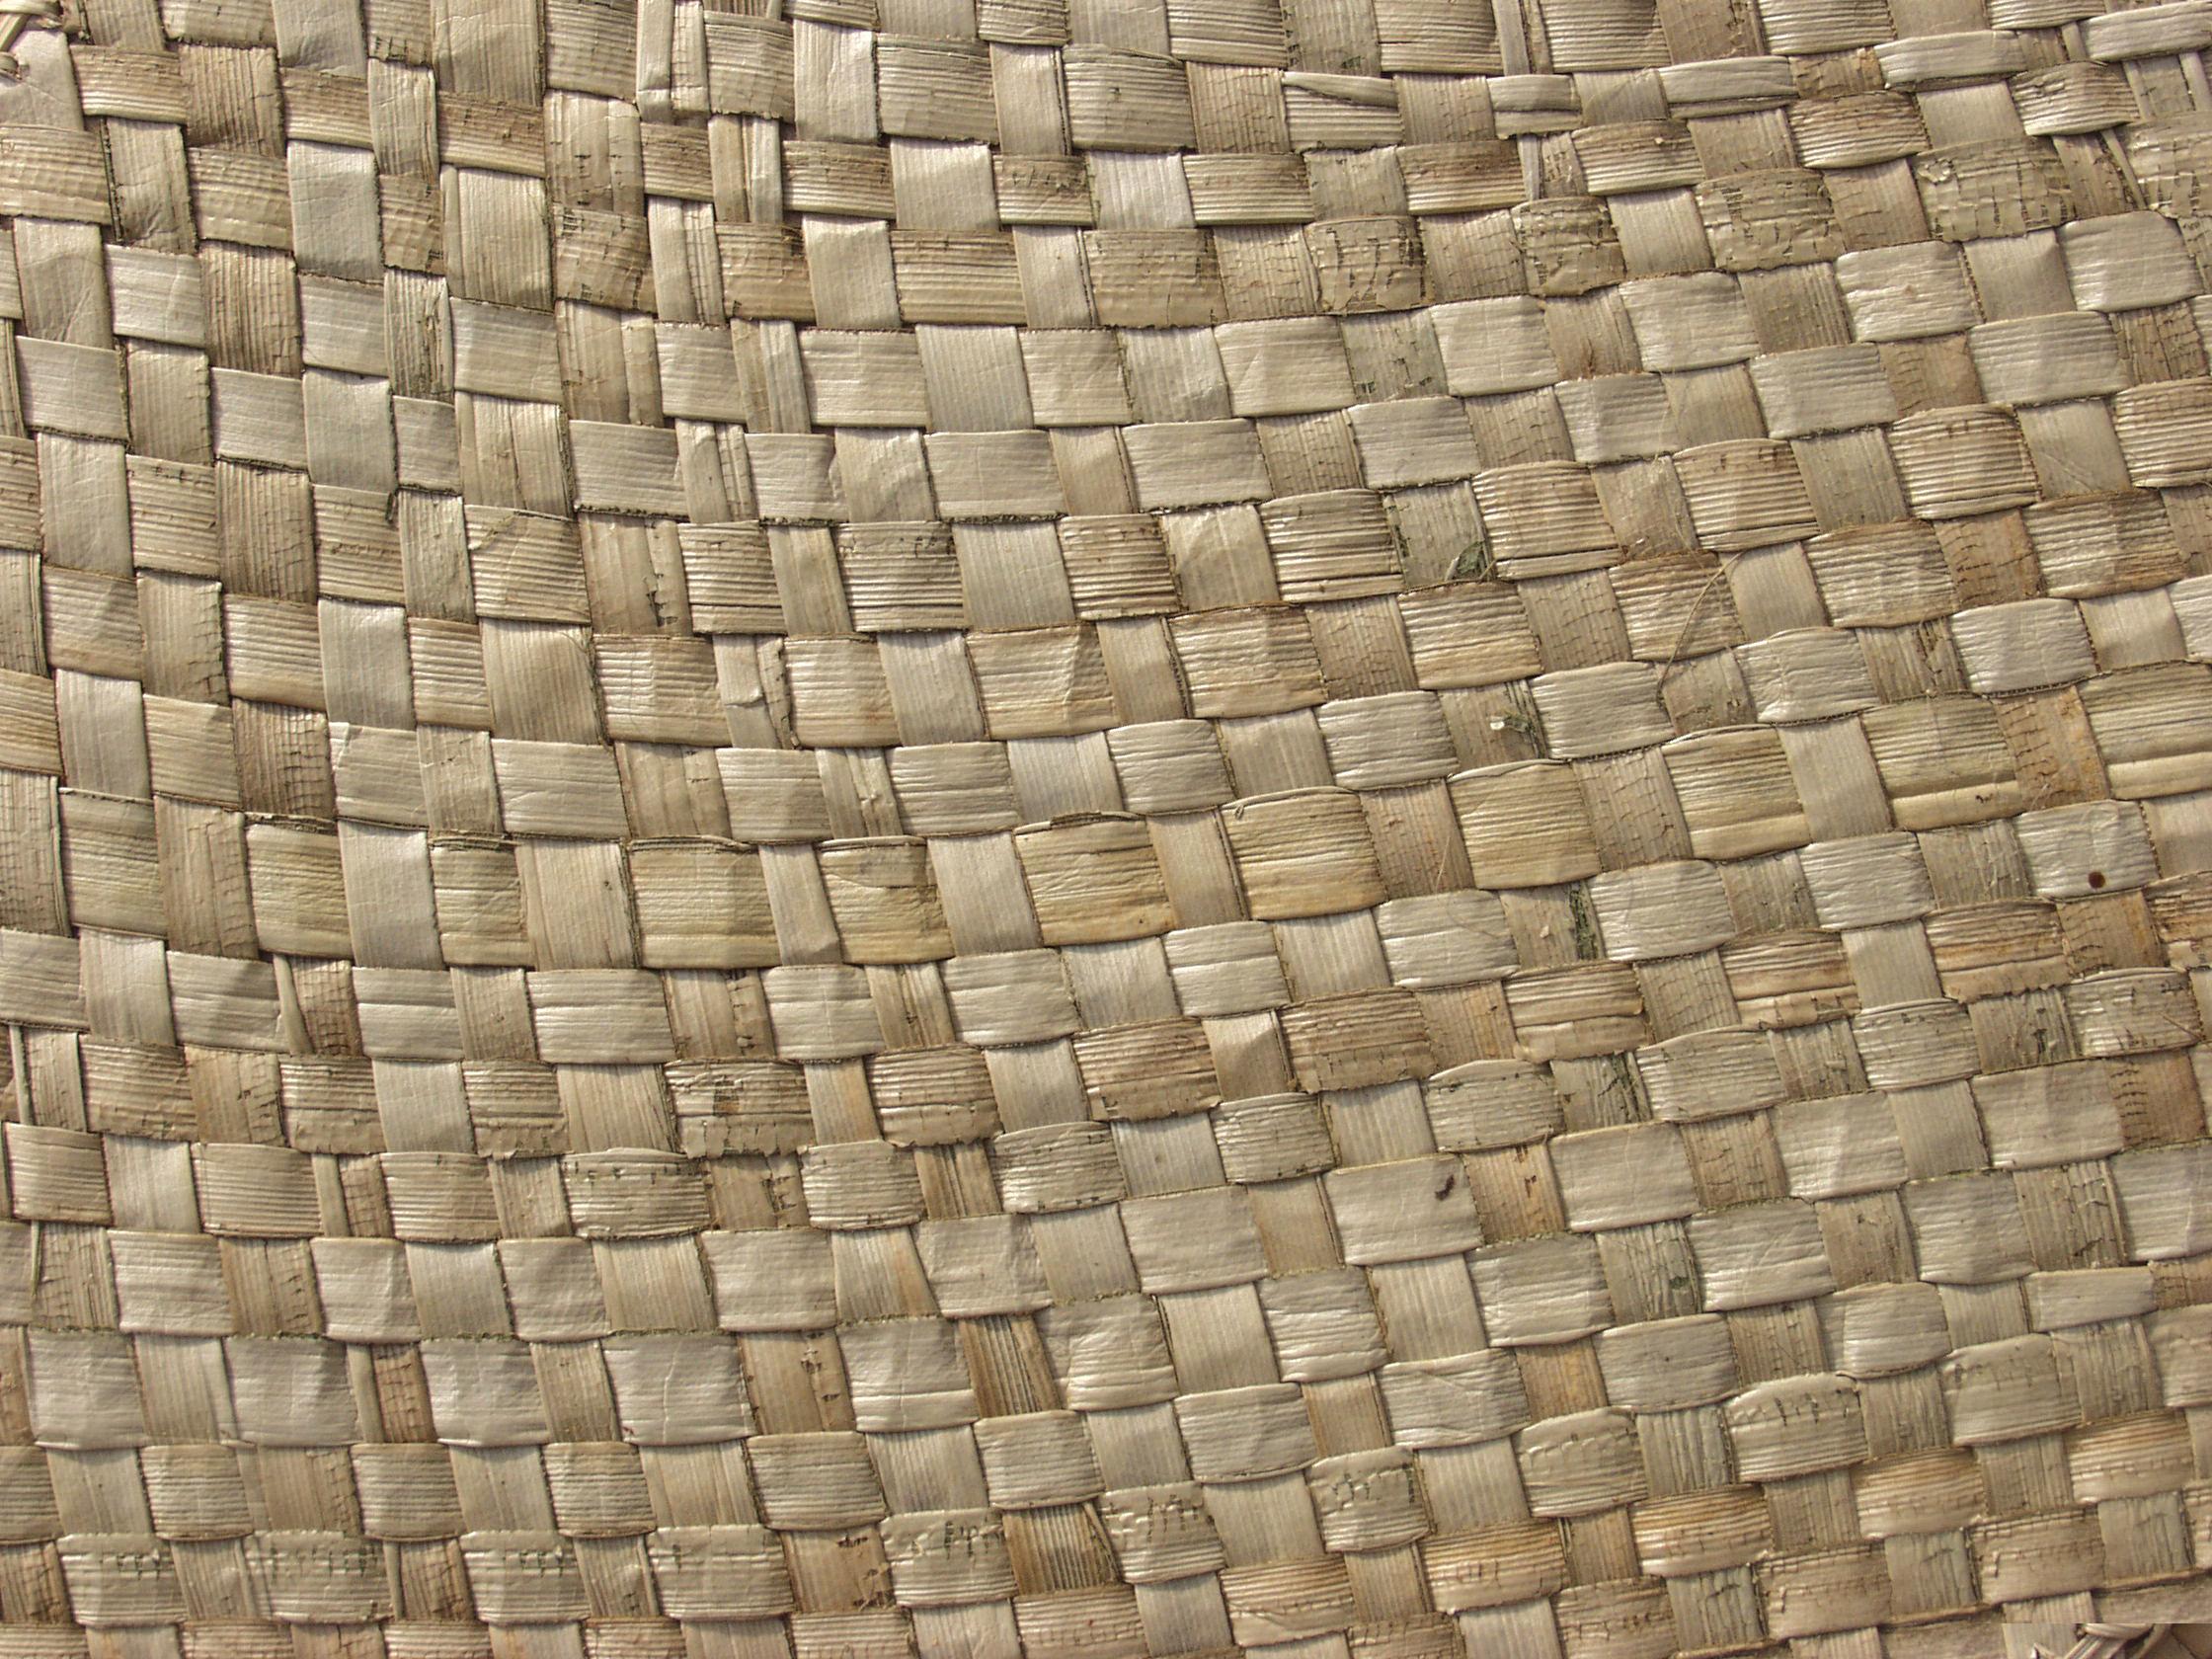 木材-编制品(6)高清贴图【ID:736828202】